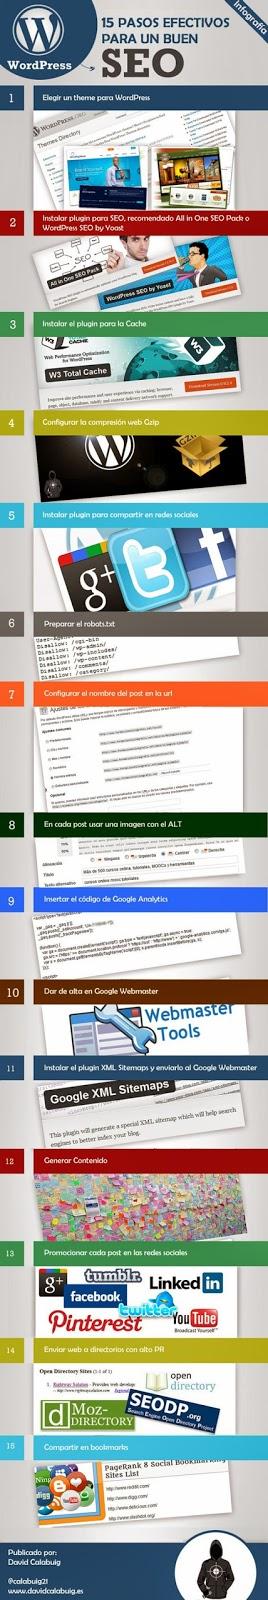 Infografía 15 pasos Efectivos para un buen SEO en WordPress.